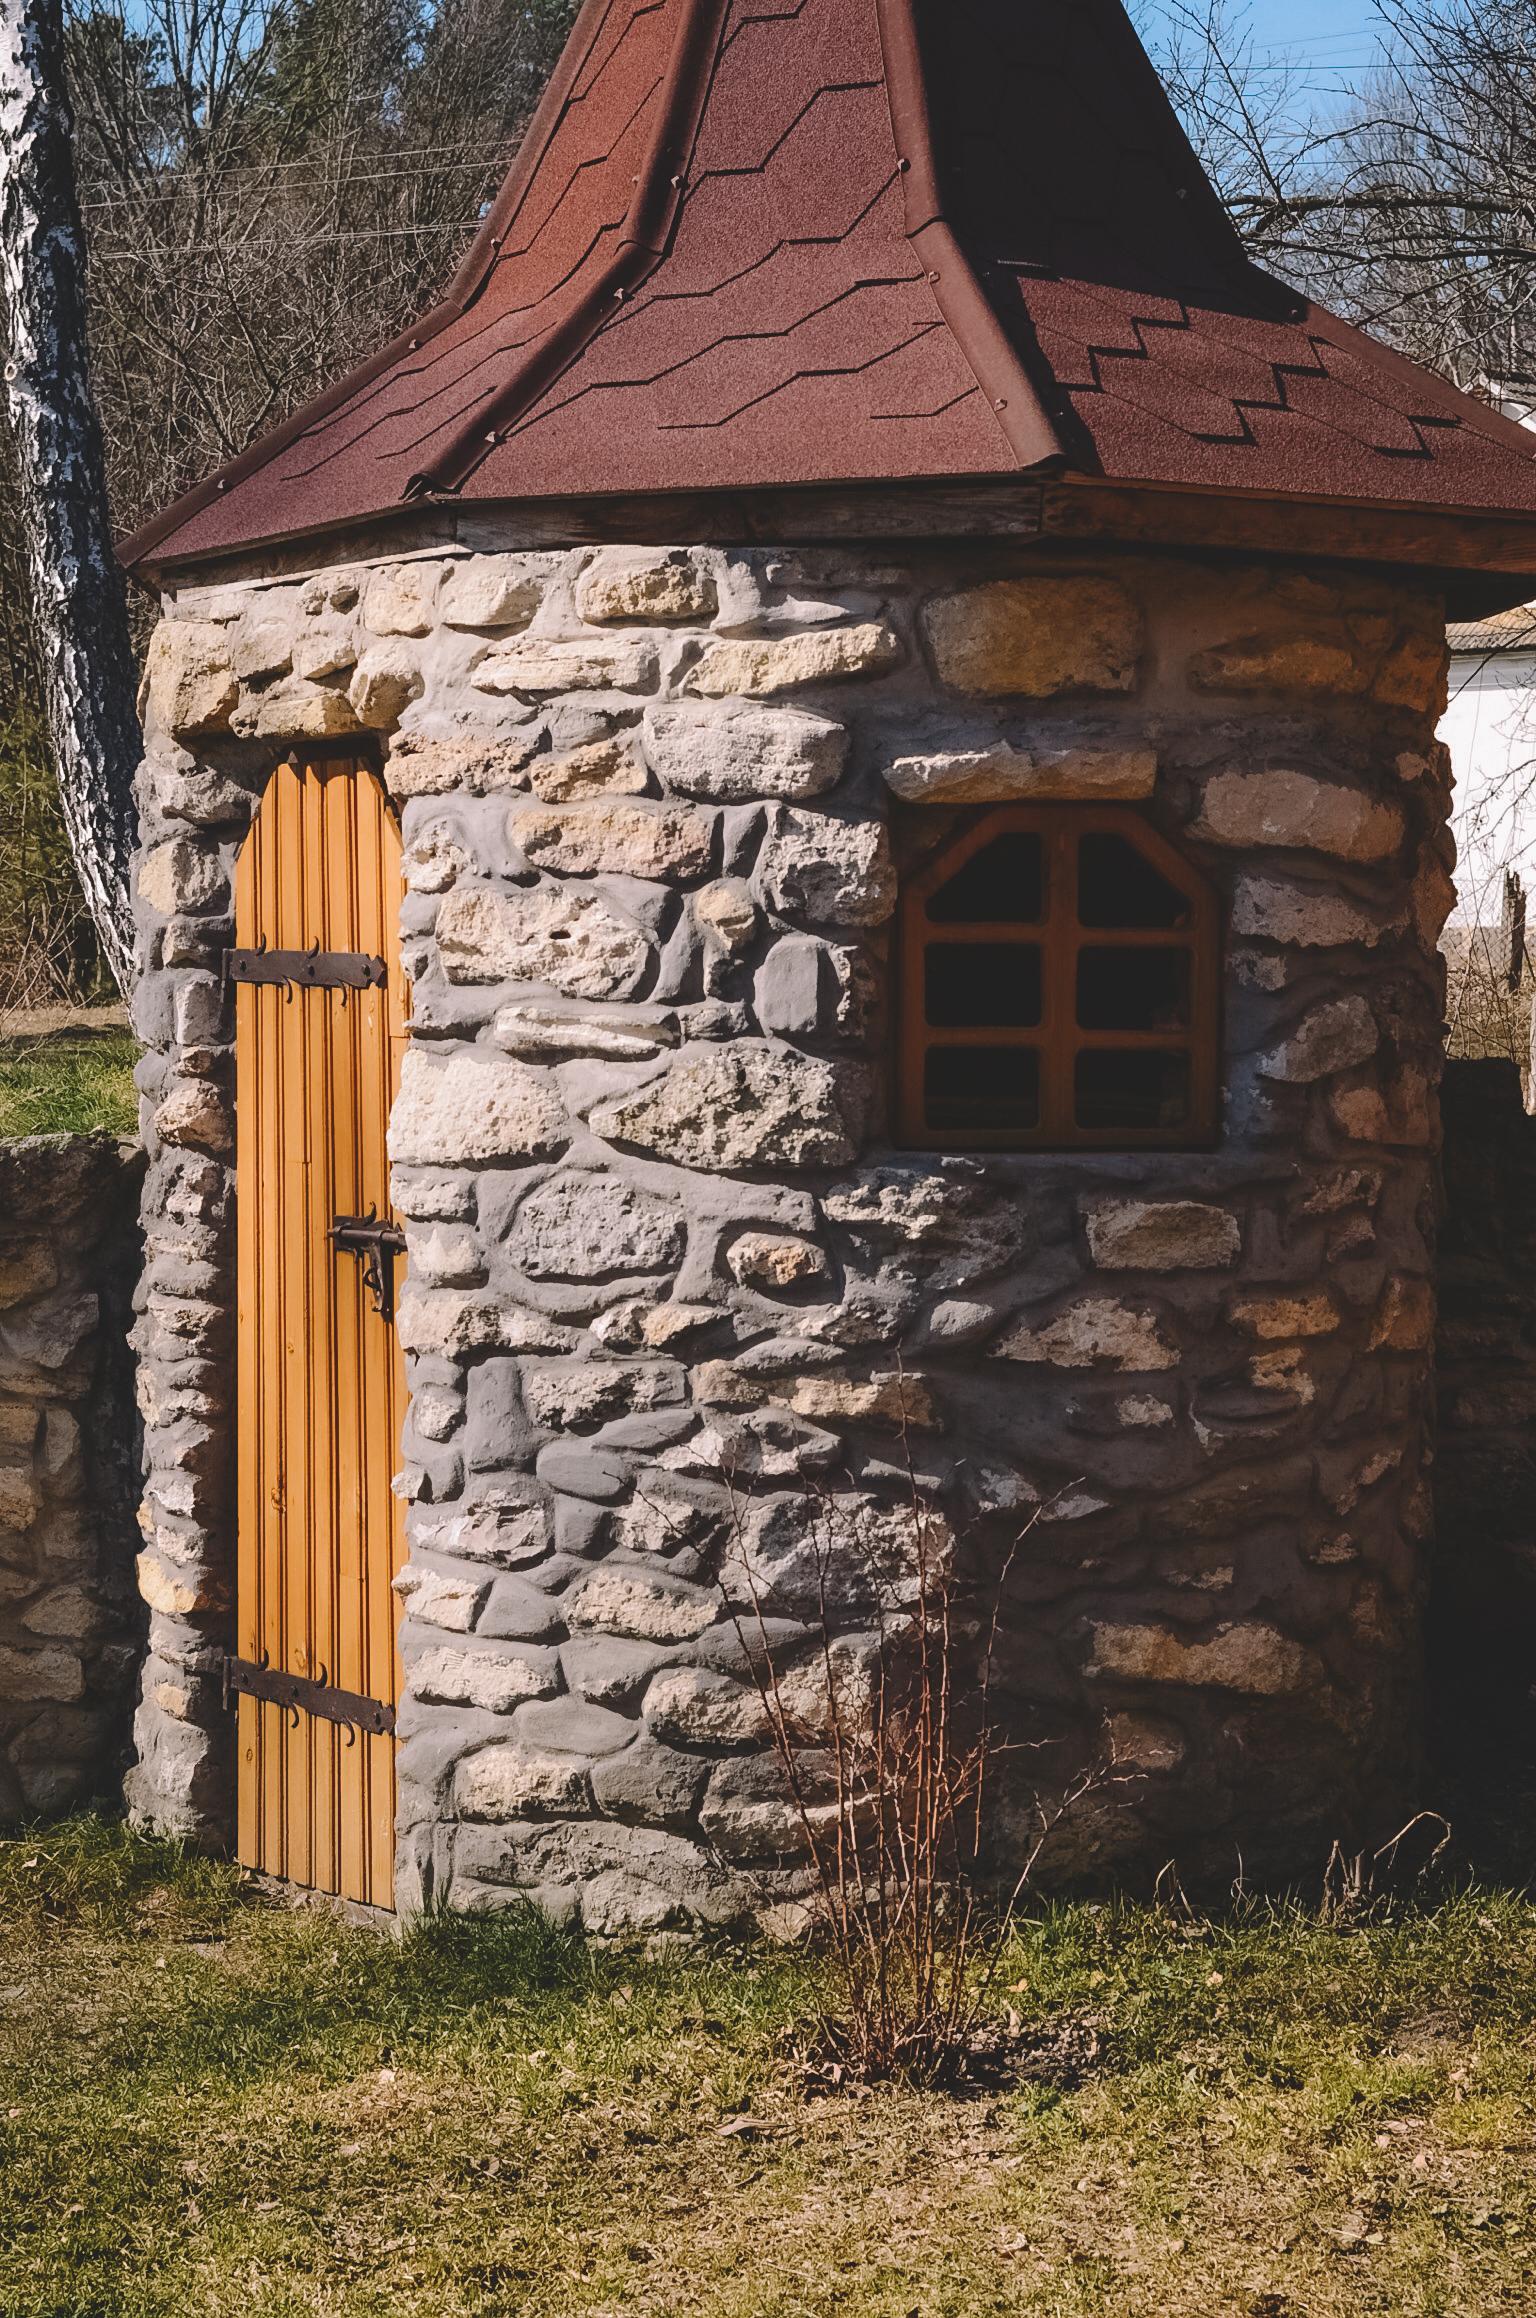 ukraine-in-spring_13249079653_o.jpg